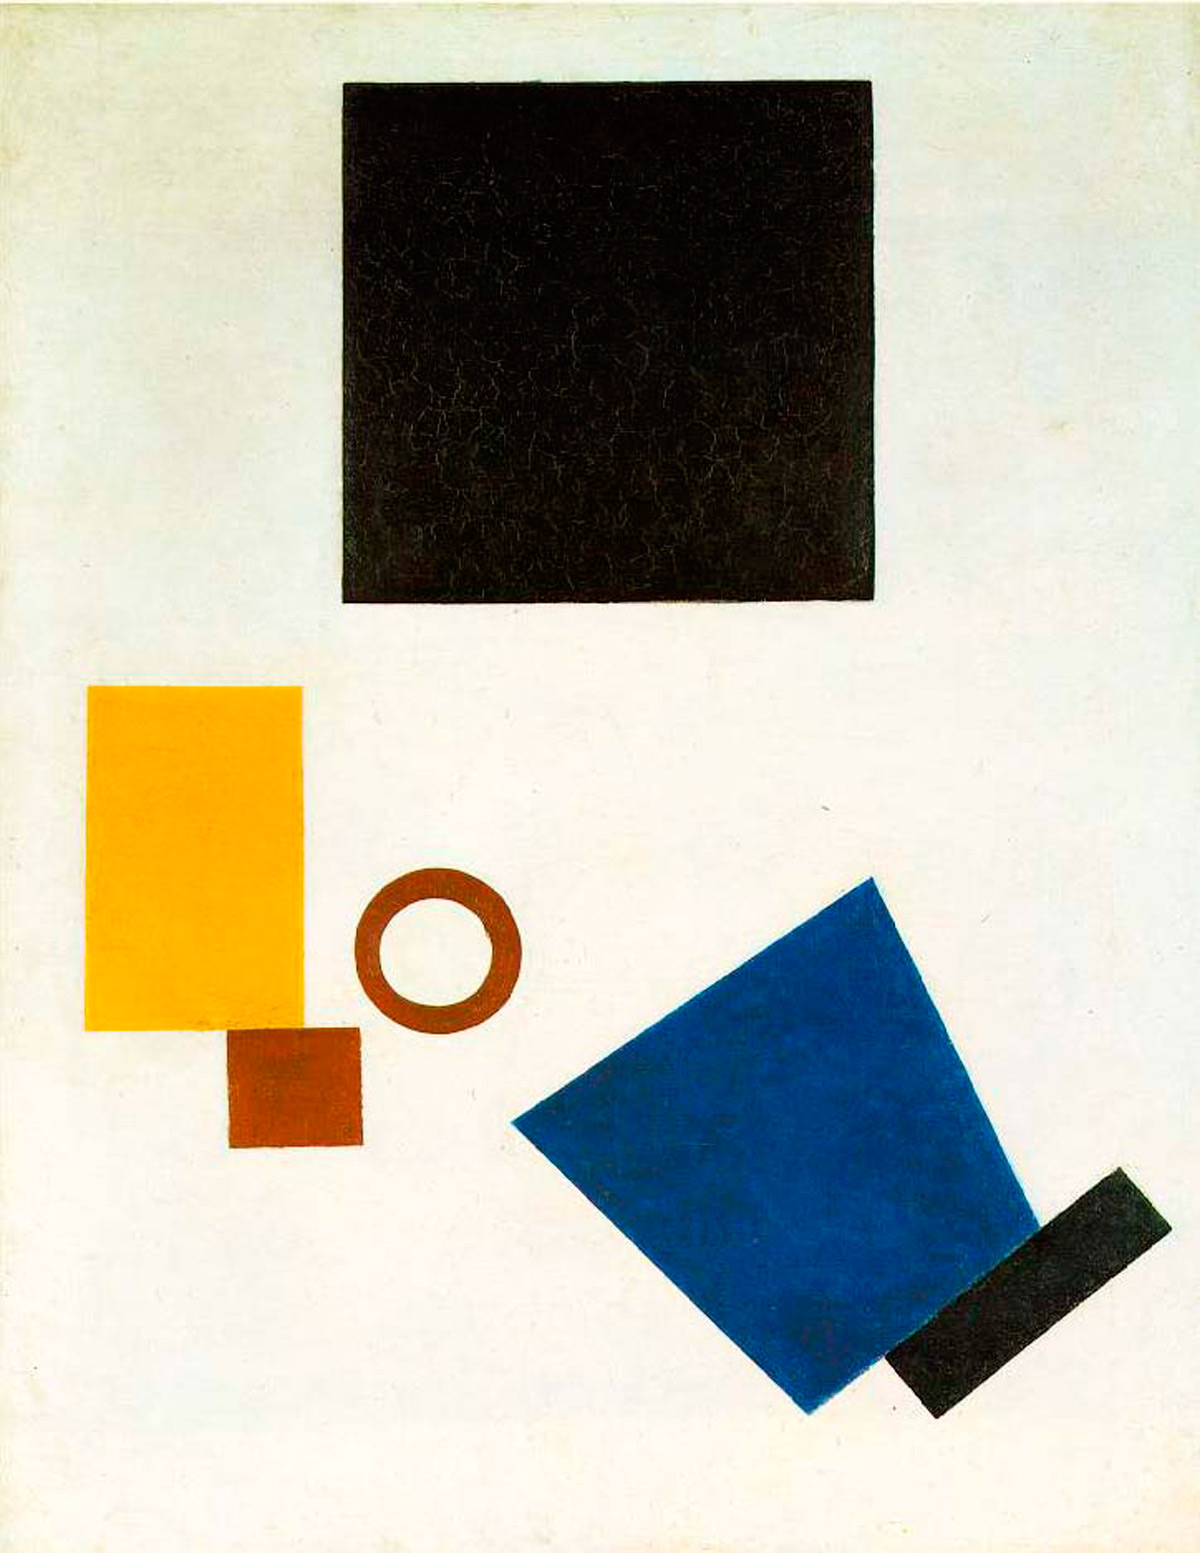 viaje-iniciatico-a-la-abstraccion-MalevichAutorretrato1915